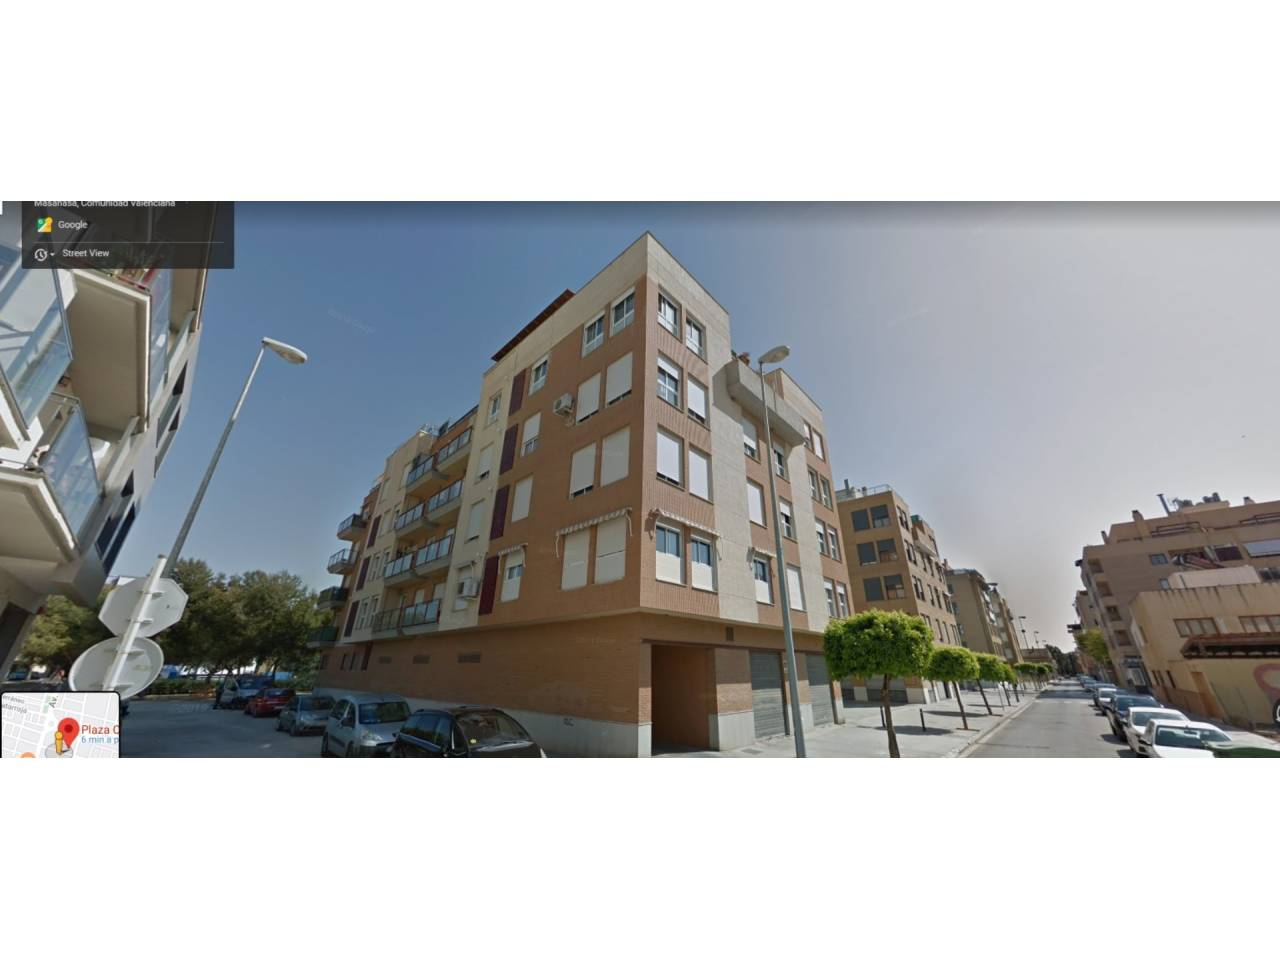 Parking voiture  Divendres. Superf. 24 m², plaza, ascensor.